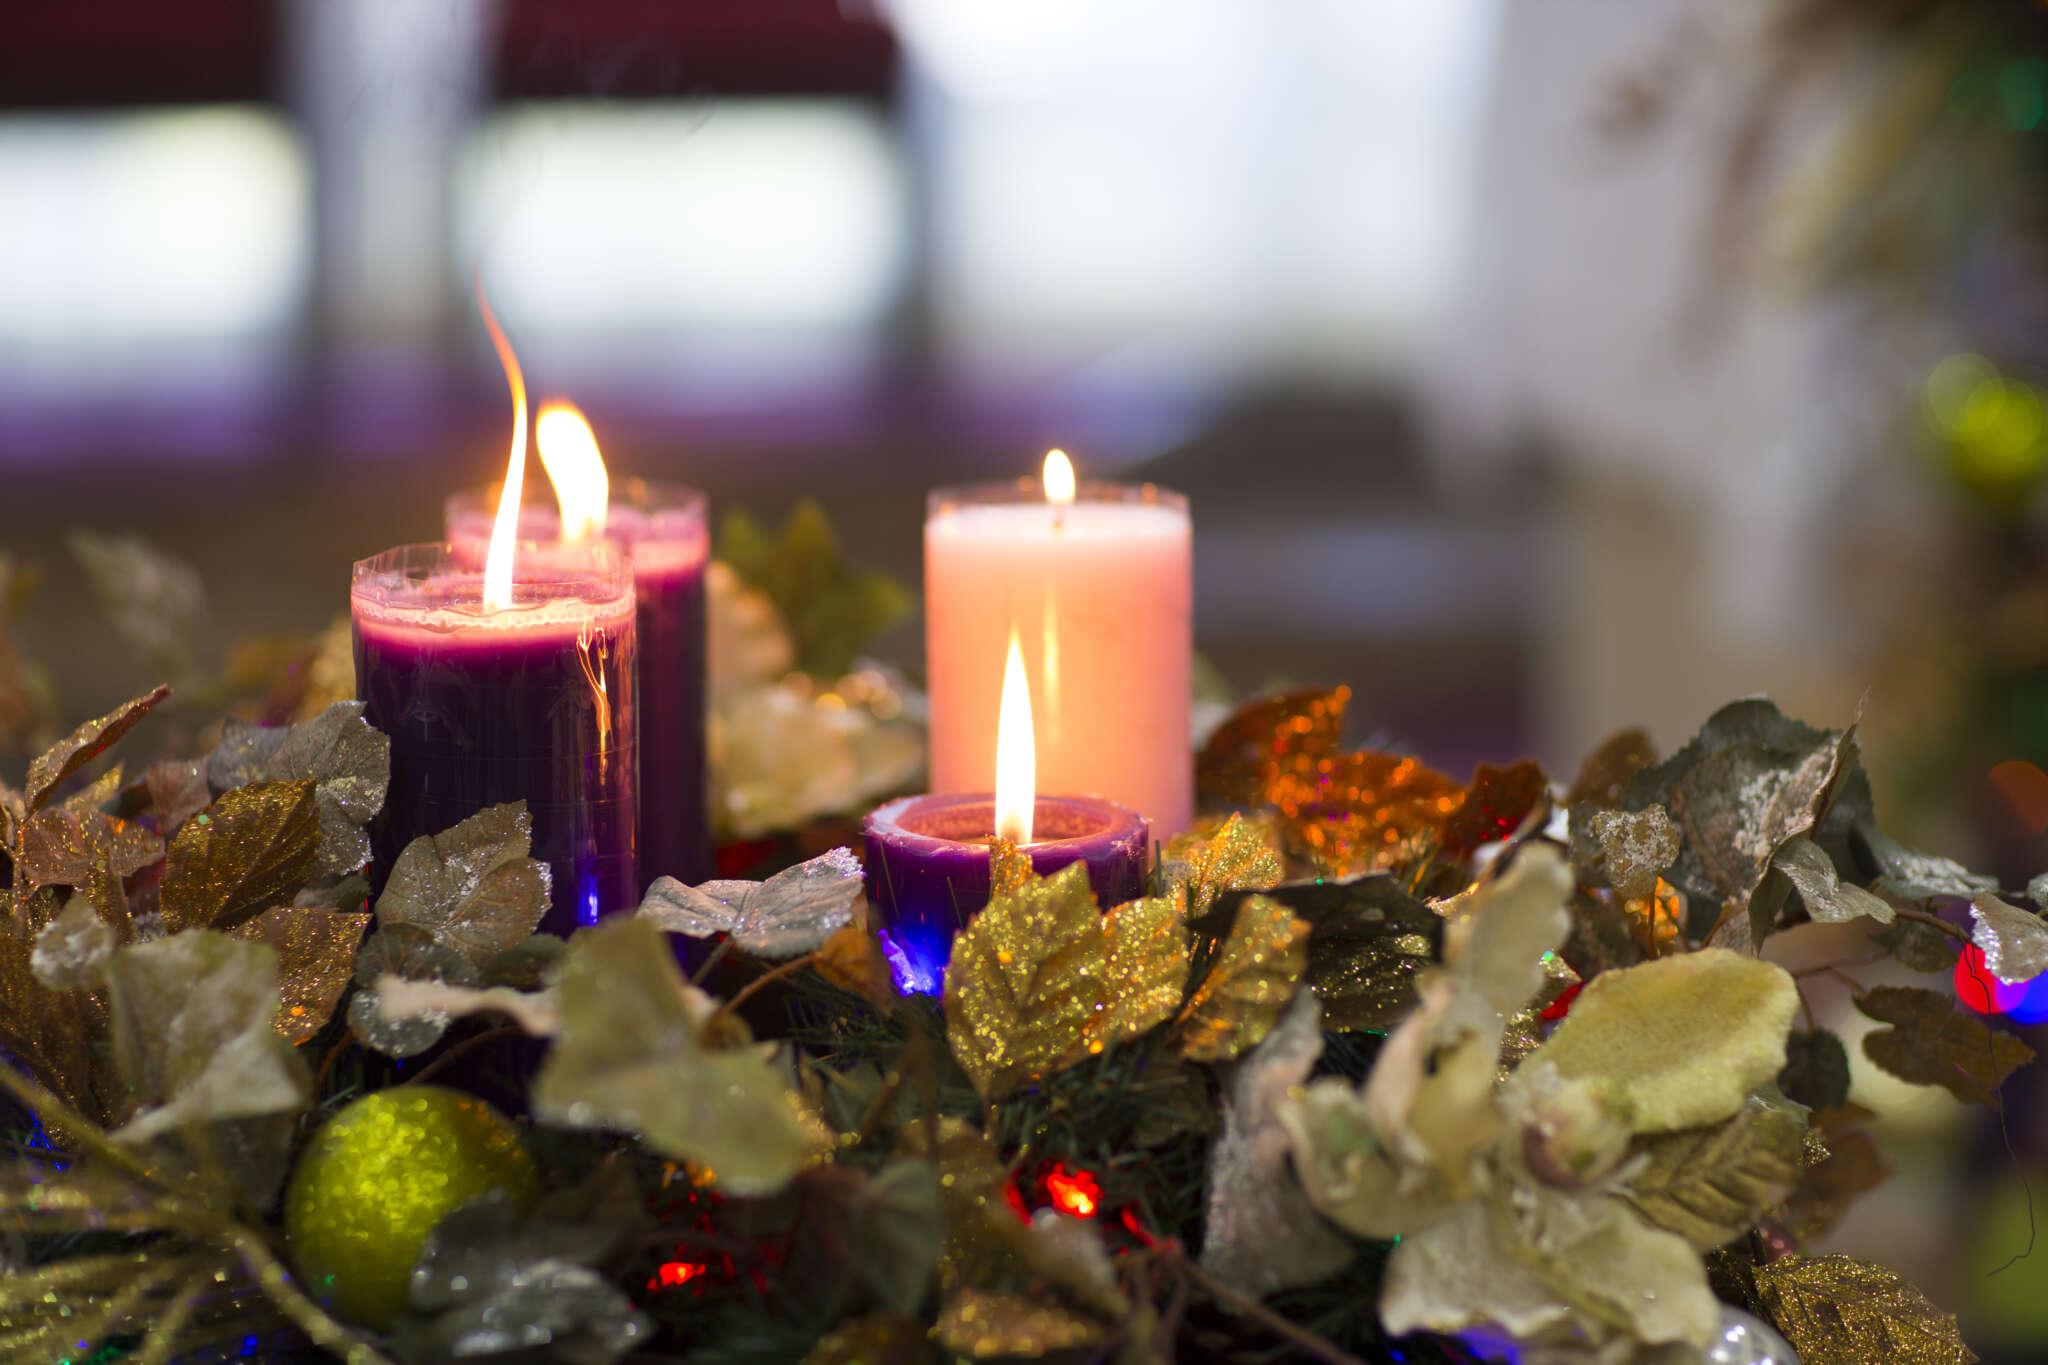 En las parroquias y en muchos hogares, ayer se encendió la segunda vela de la Corona de Adviento, una tradición que ayuda a preparar la Navidad.